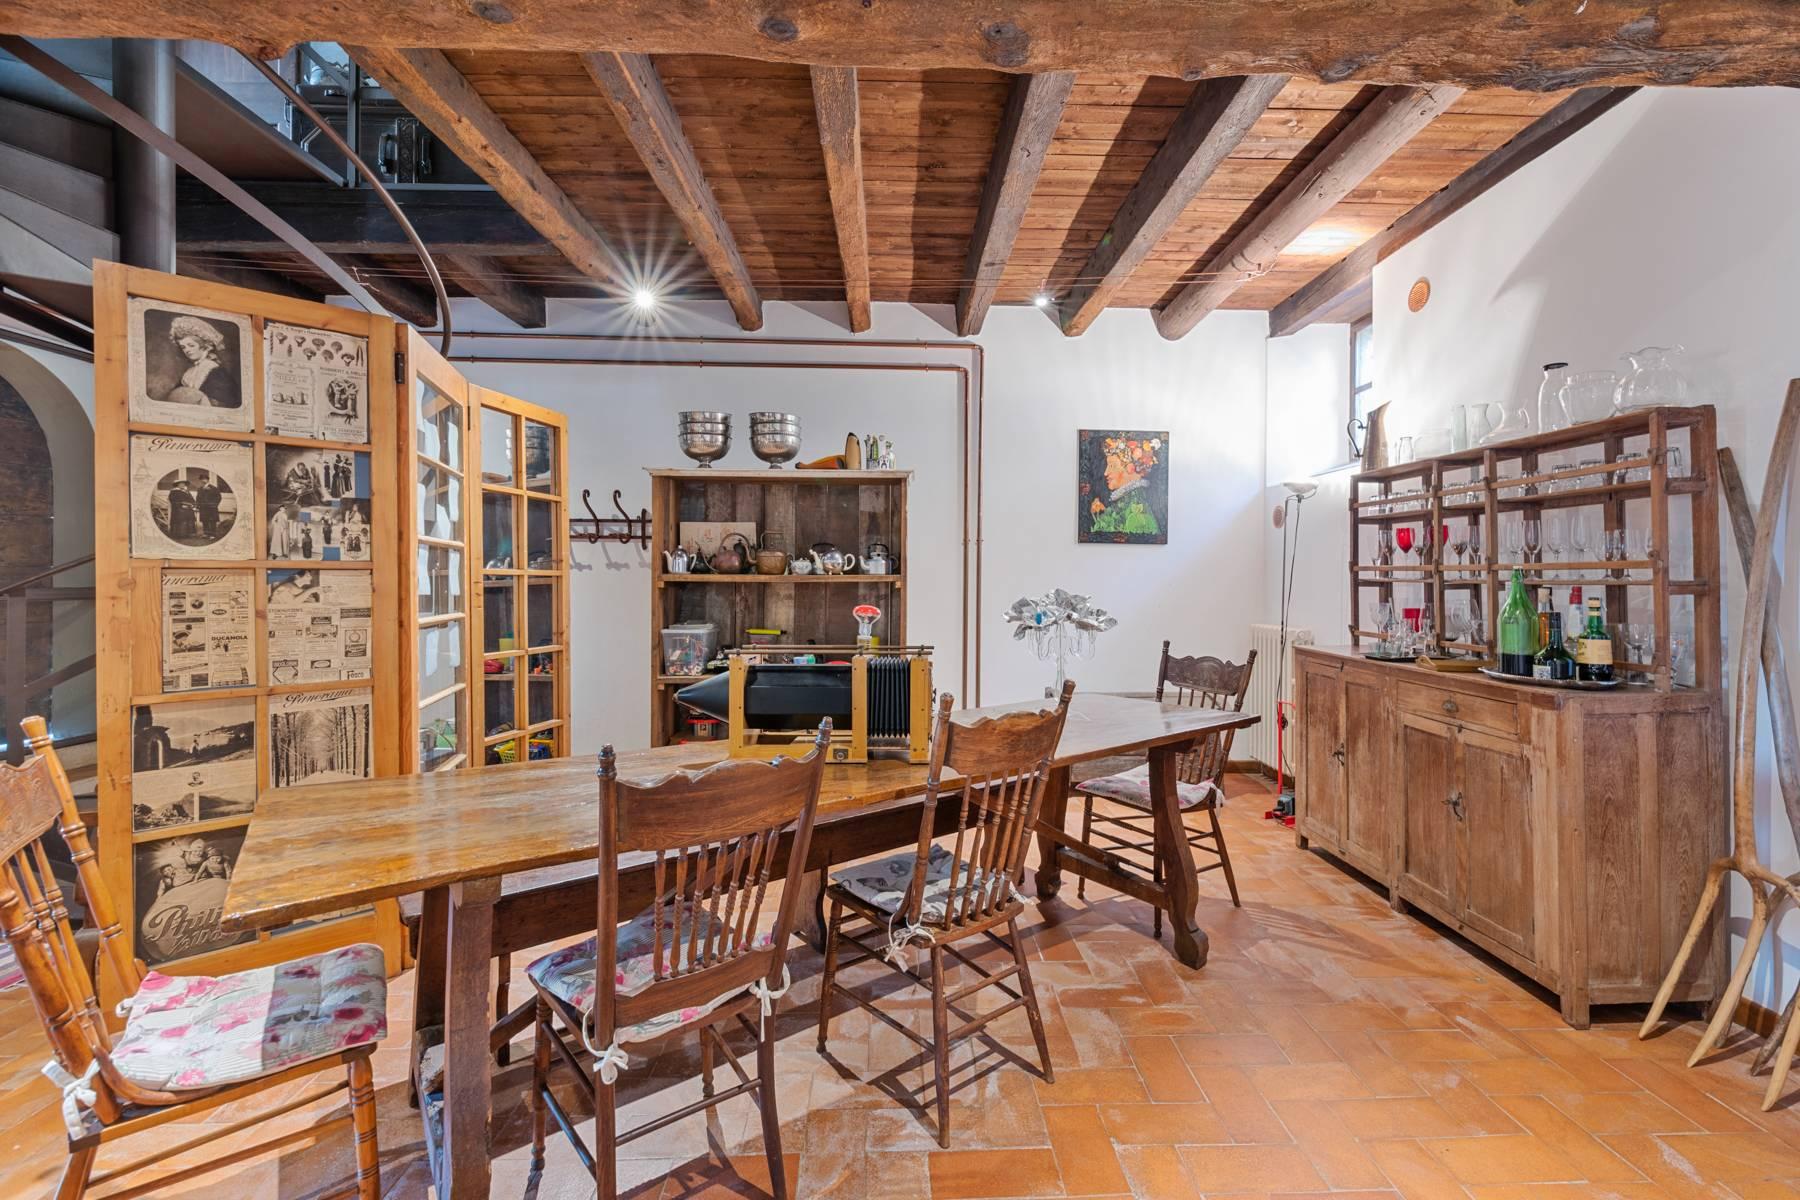 Rustico in Vendita a Caprino Veronese: 5 locali, 770 mq - Foto 9